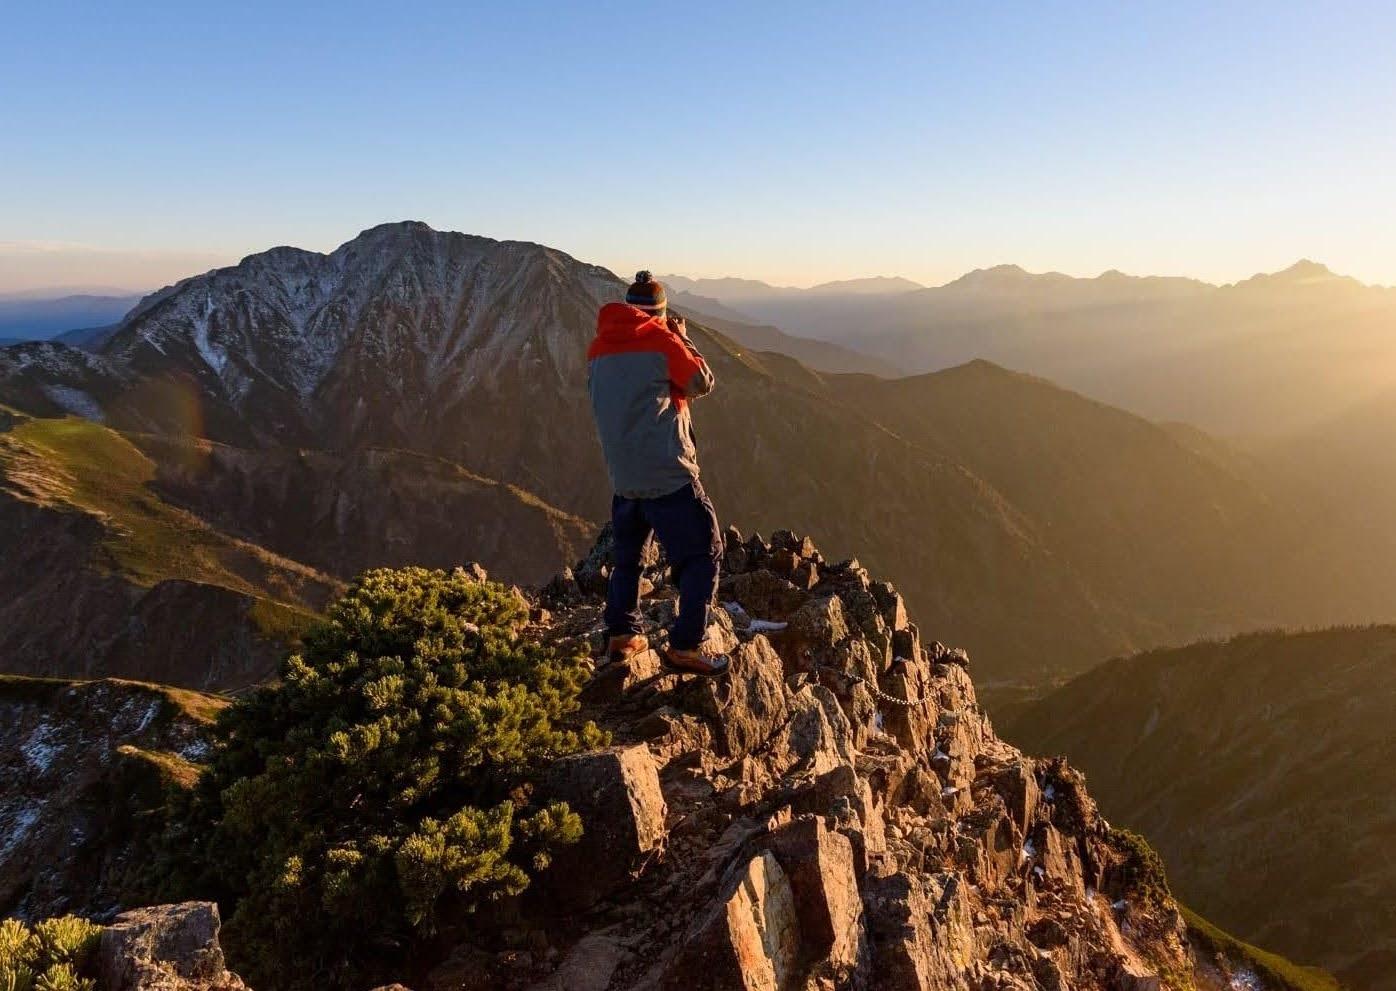 秋(9月~10月)に北アルプスでテント泊登山する時の装備と注意点